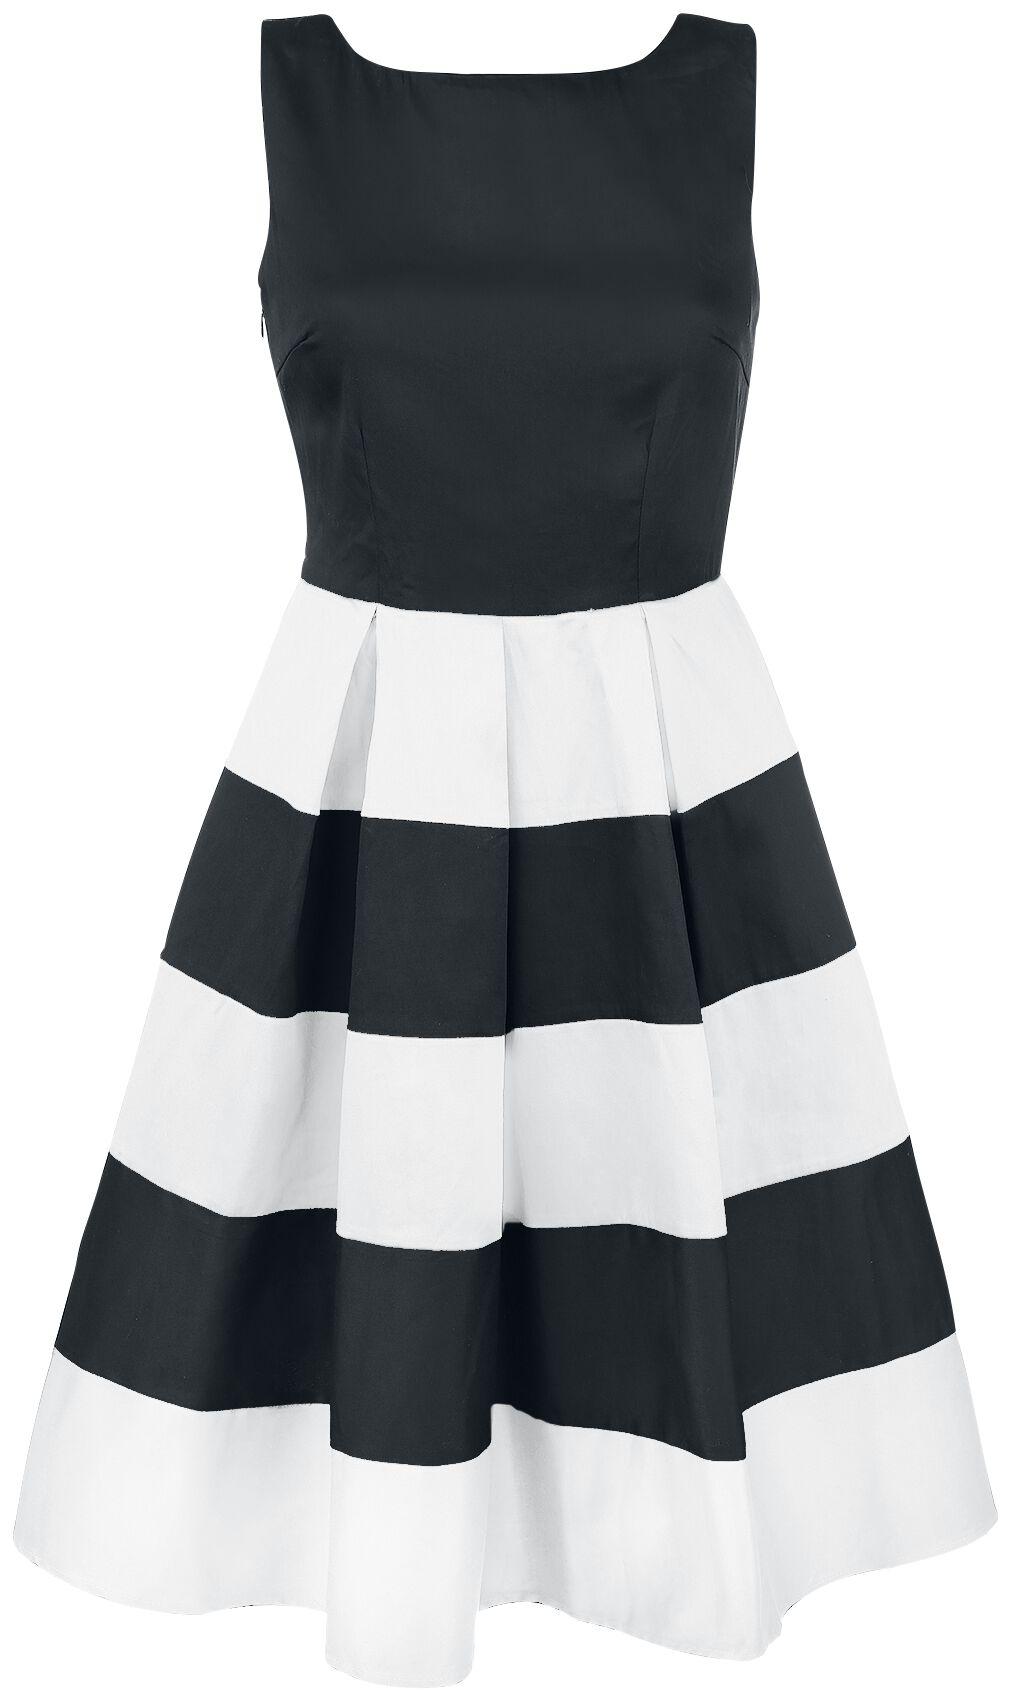 Marki - Sukienki - Sukienka Dolly and Dotty Anna Adorable Striped Swing Dress Sukienka czarny/biały - 344425